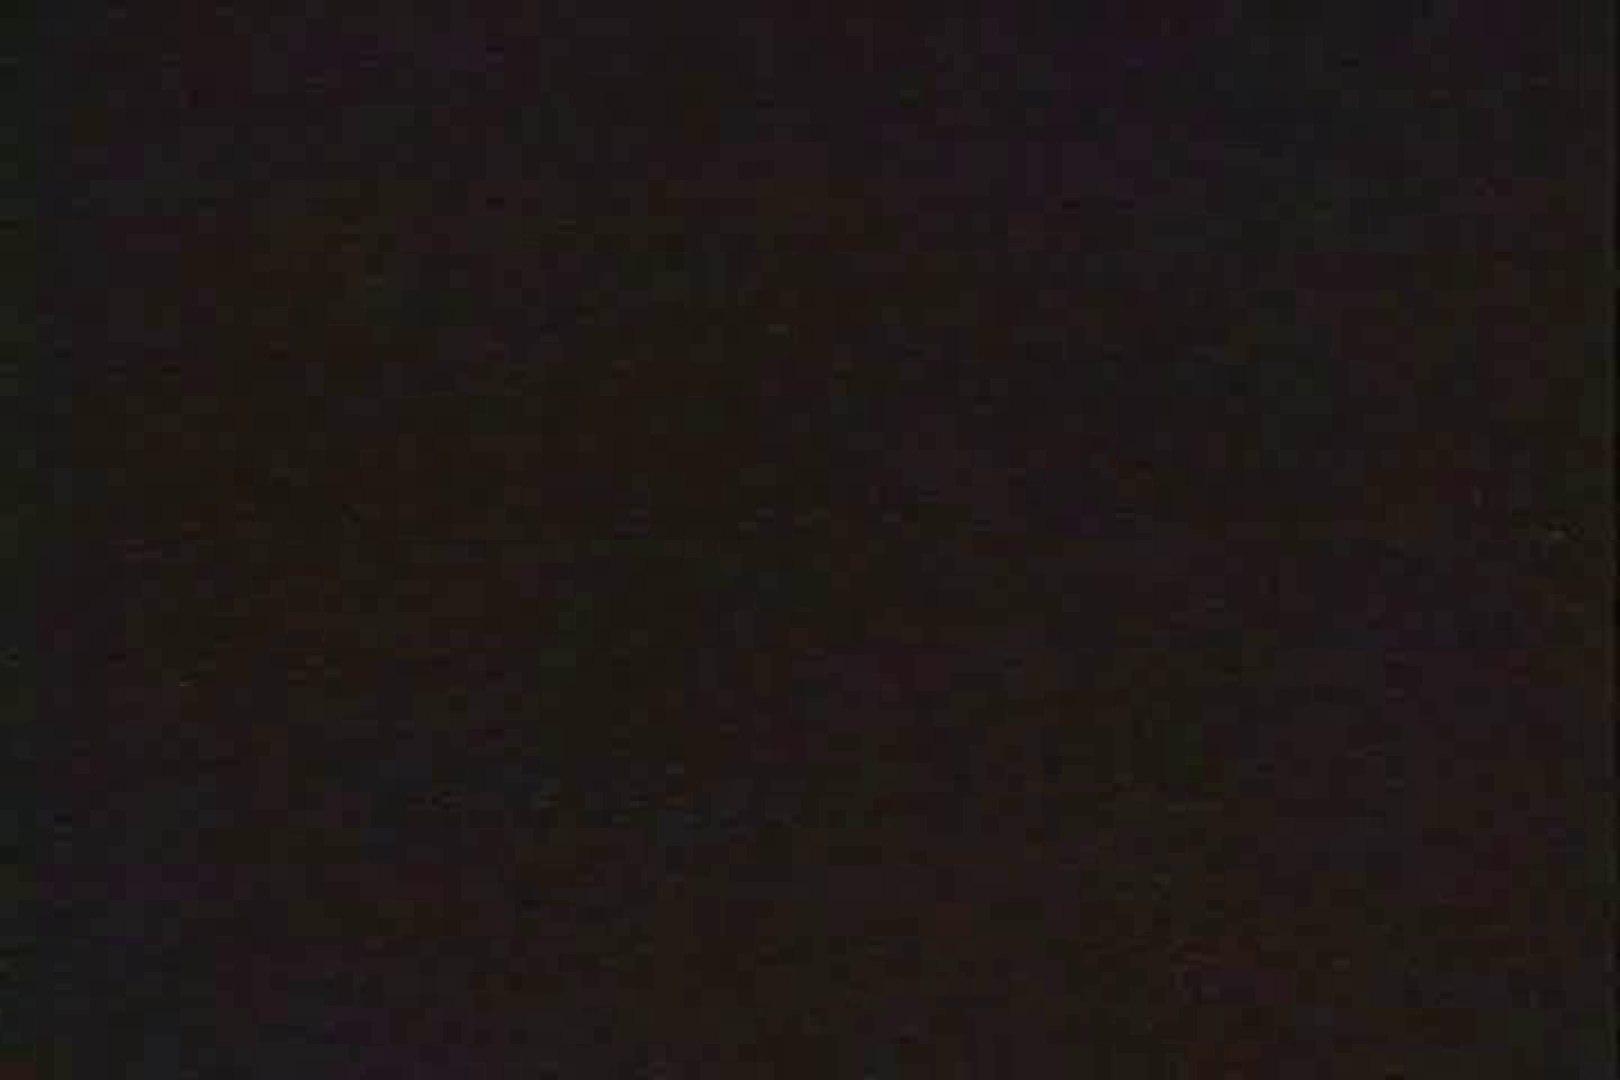 「ちくりん」さんのオリジナル未編集パンチラVol.1_01 パンチラのぞき セックス無修正動画無料 95画像 14